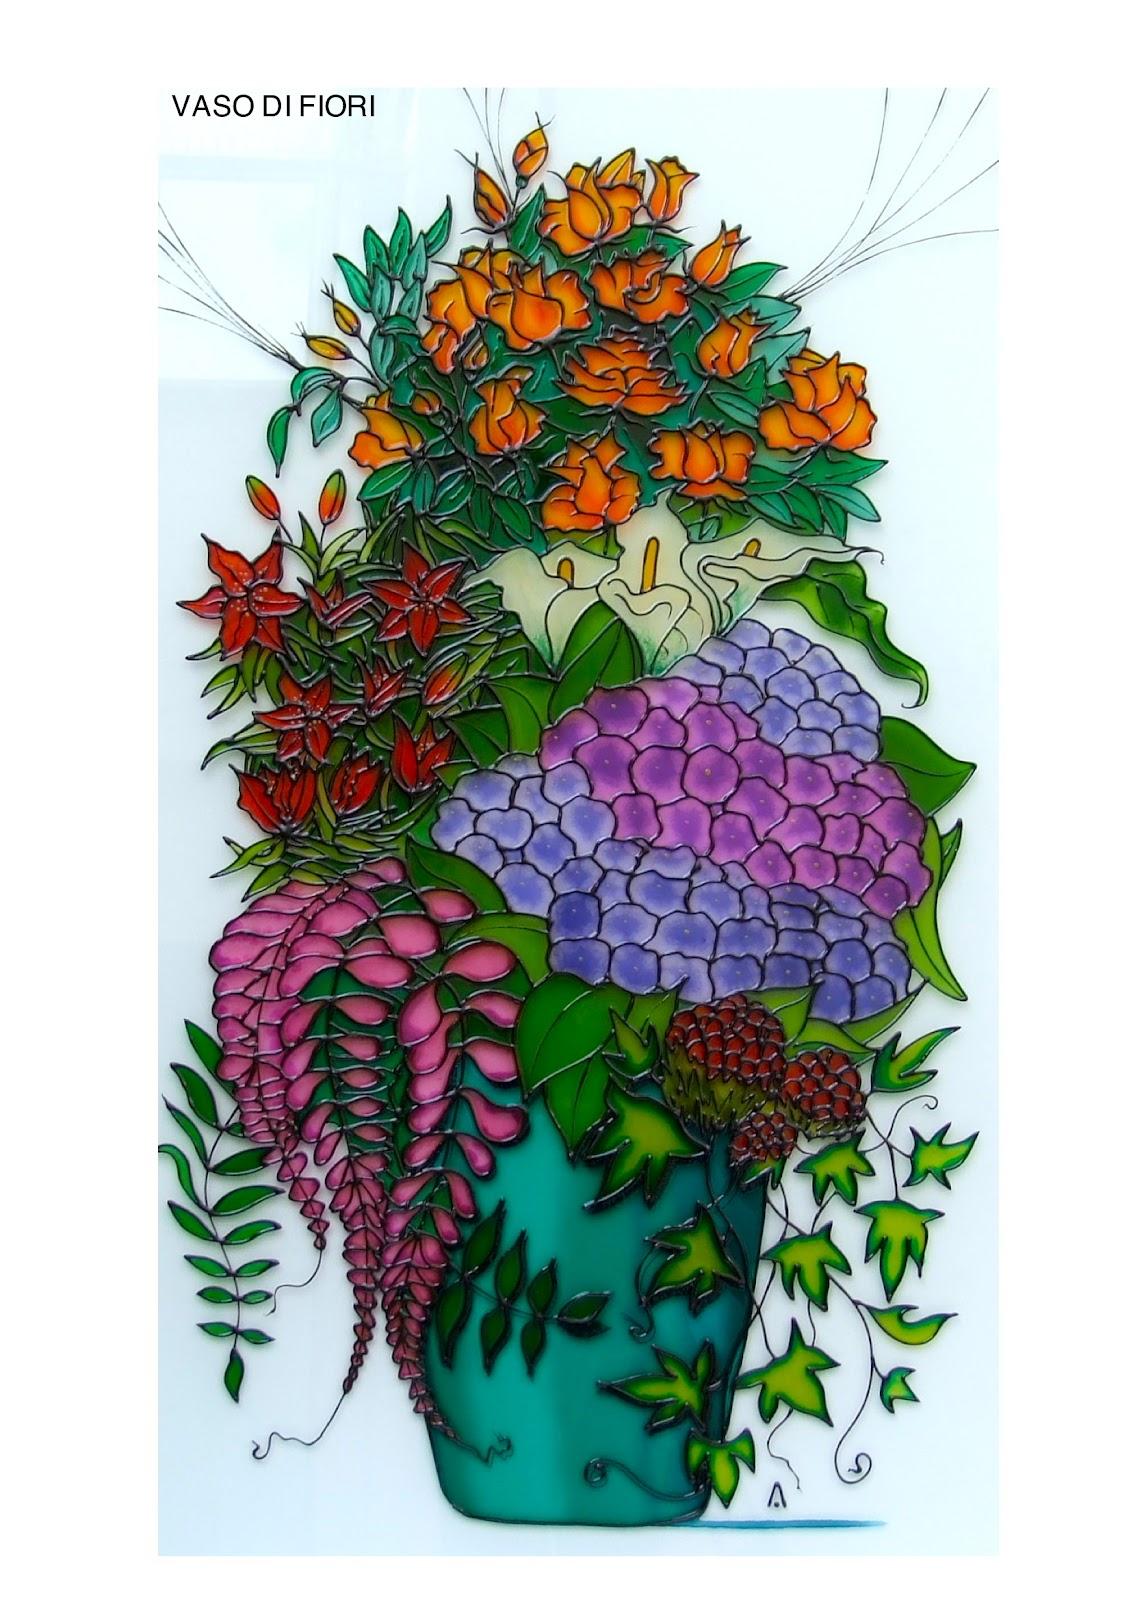 Ariglass vaso di fiori for Vaso di fiori disegno